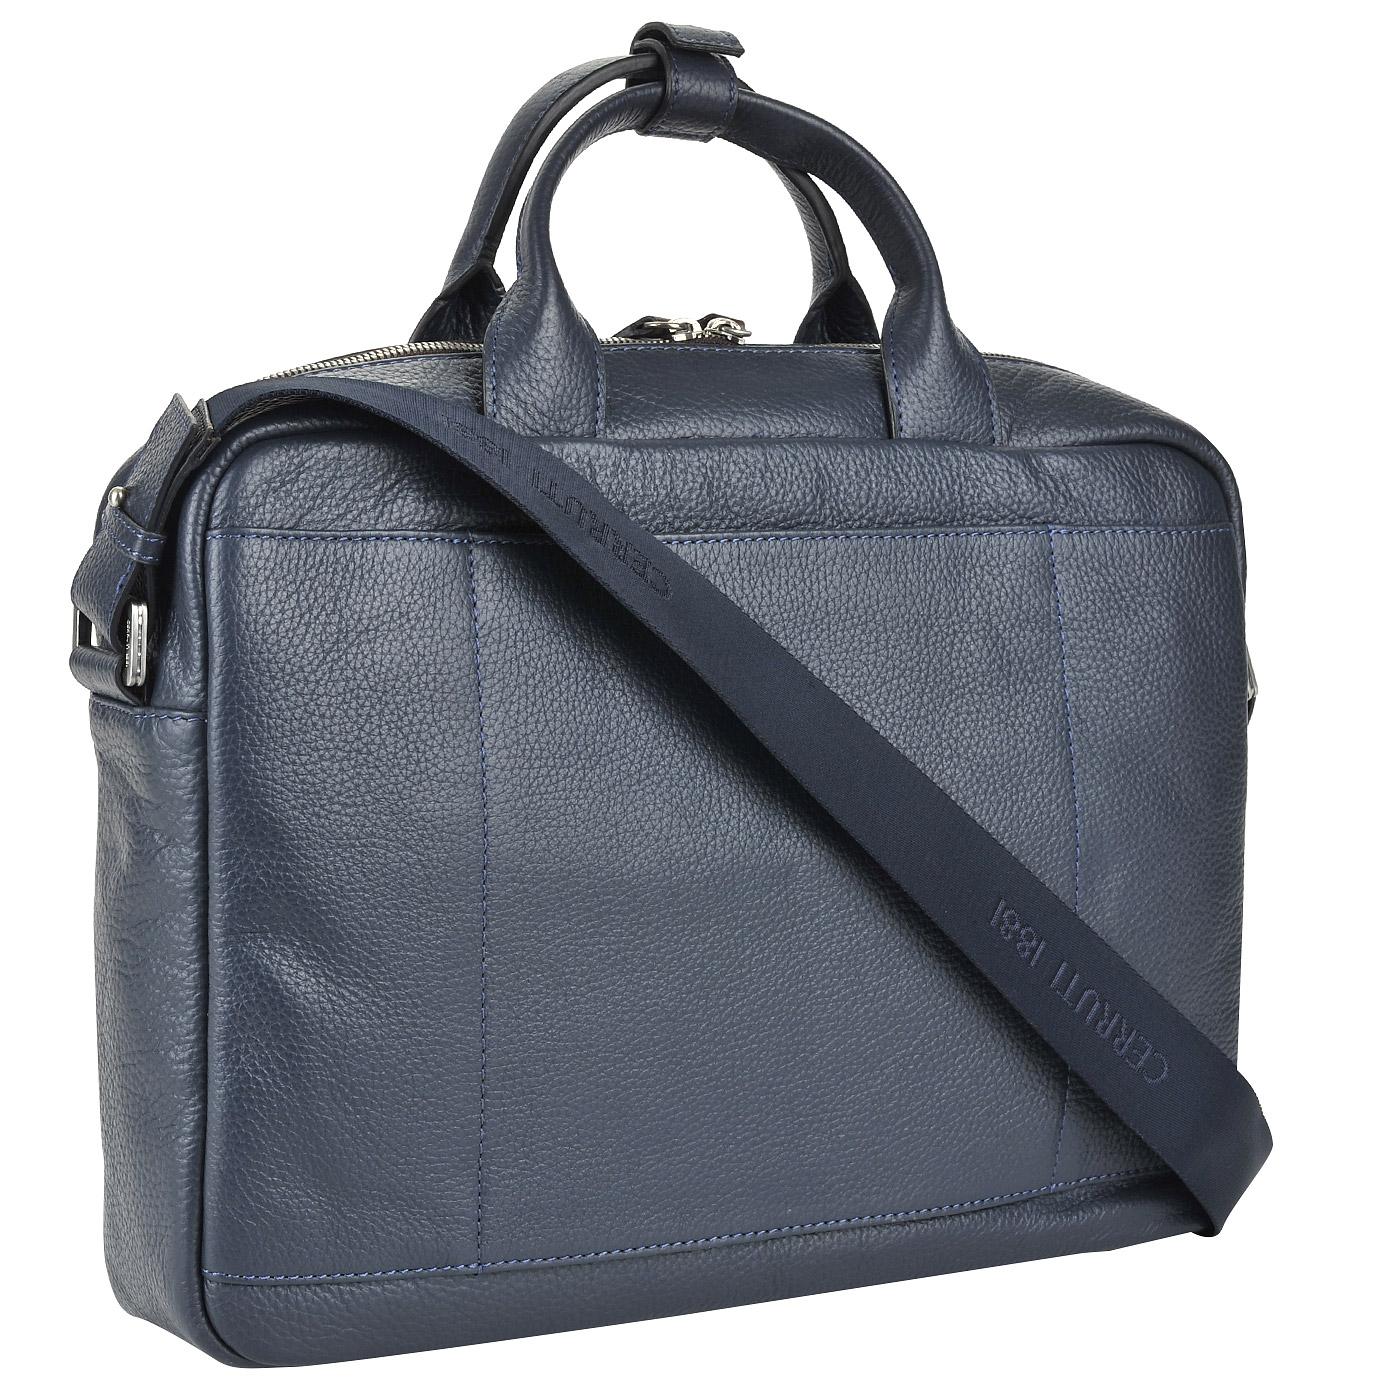 01bbde8c67b5 Мужская кожаная деловая сумка с отделением для ноутбука Cerruti 1881 Monaco  ...